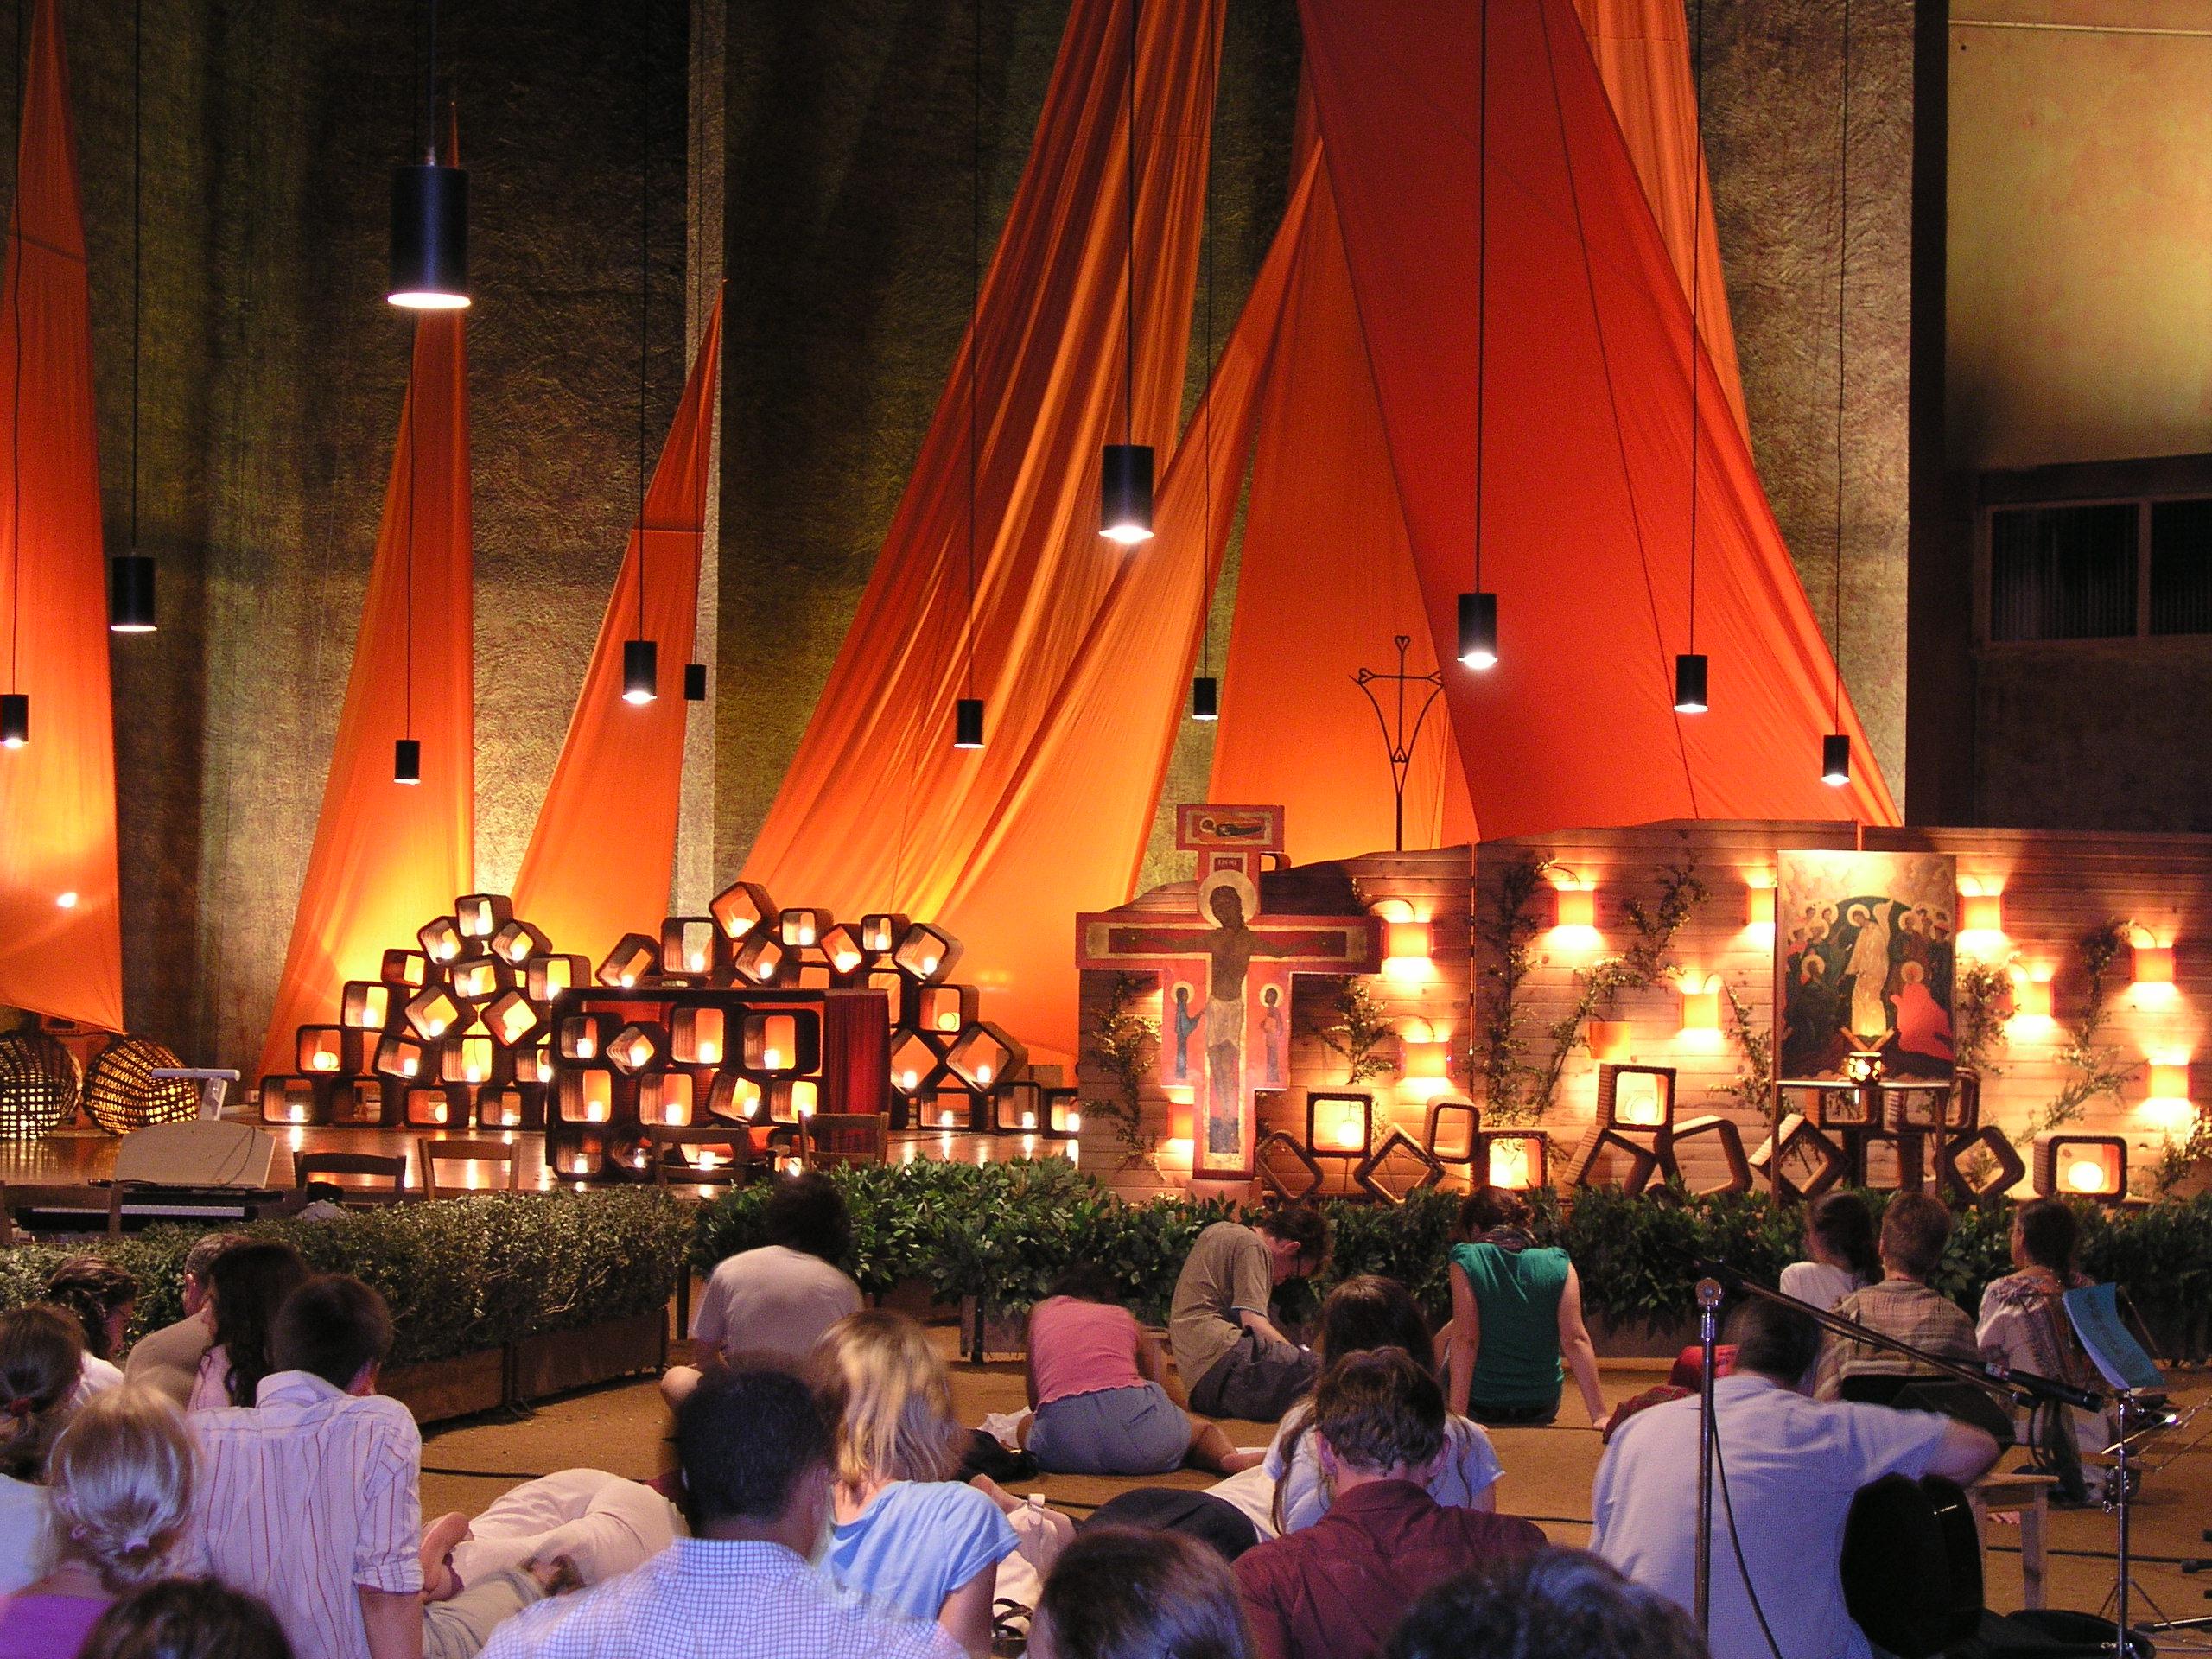 Prière dans l'église de Taizé @ WIKIMEDIA COMMONS - Damir Jelic